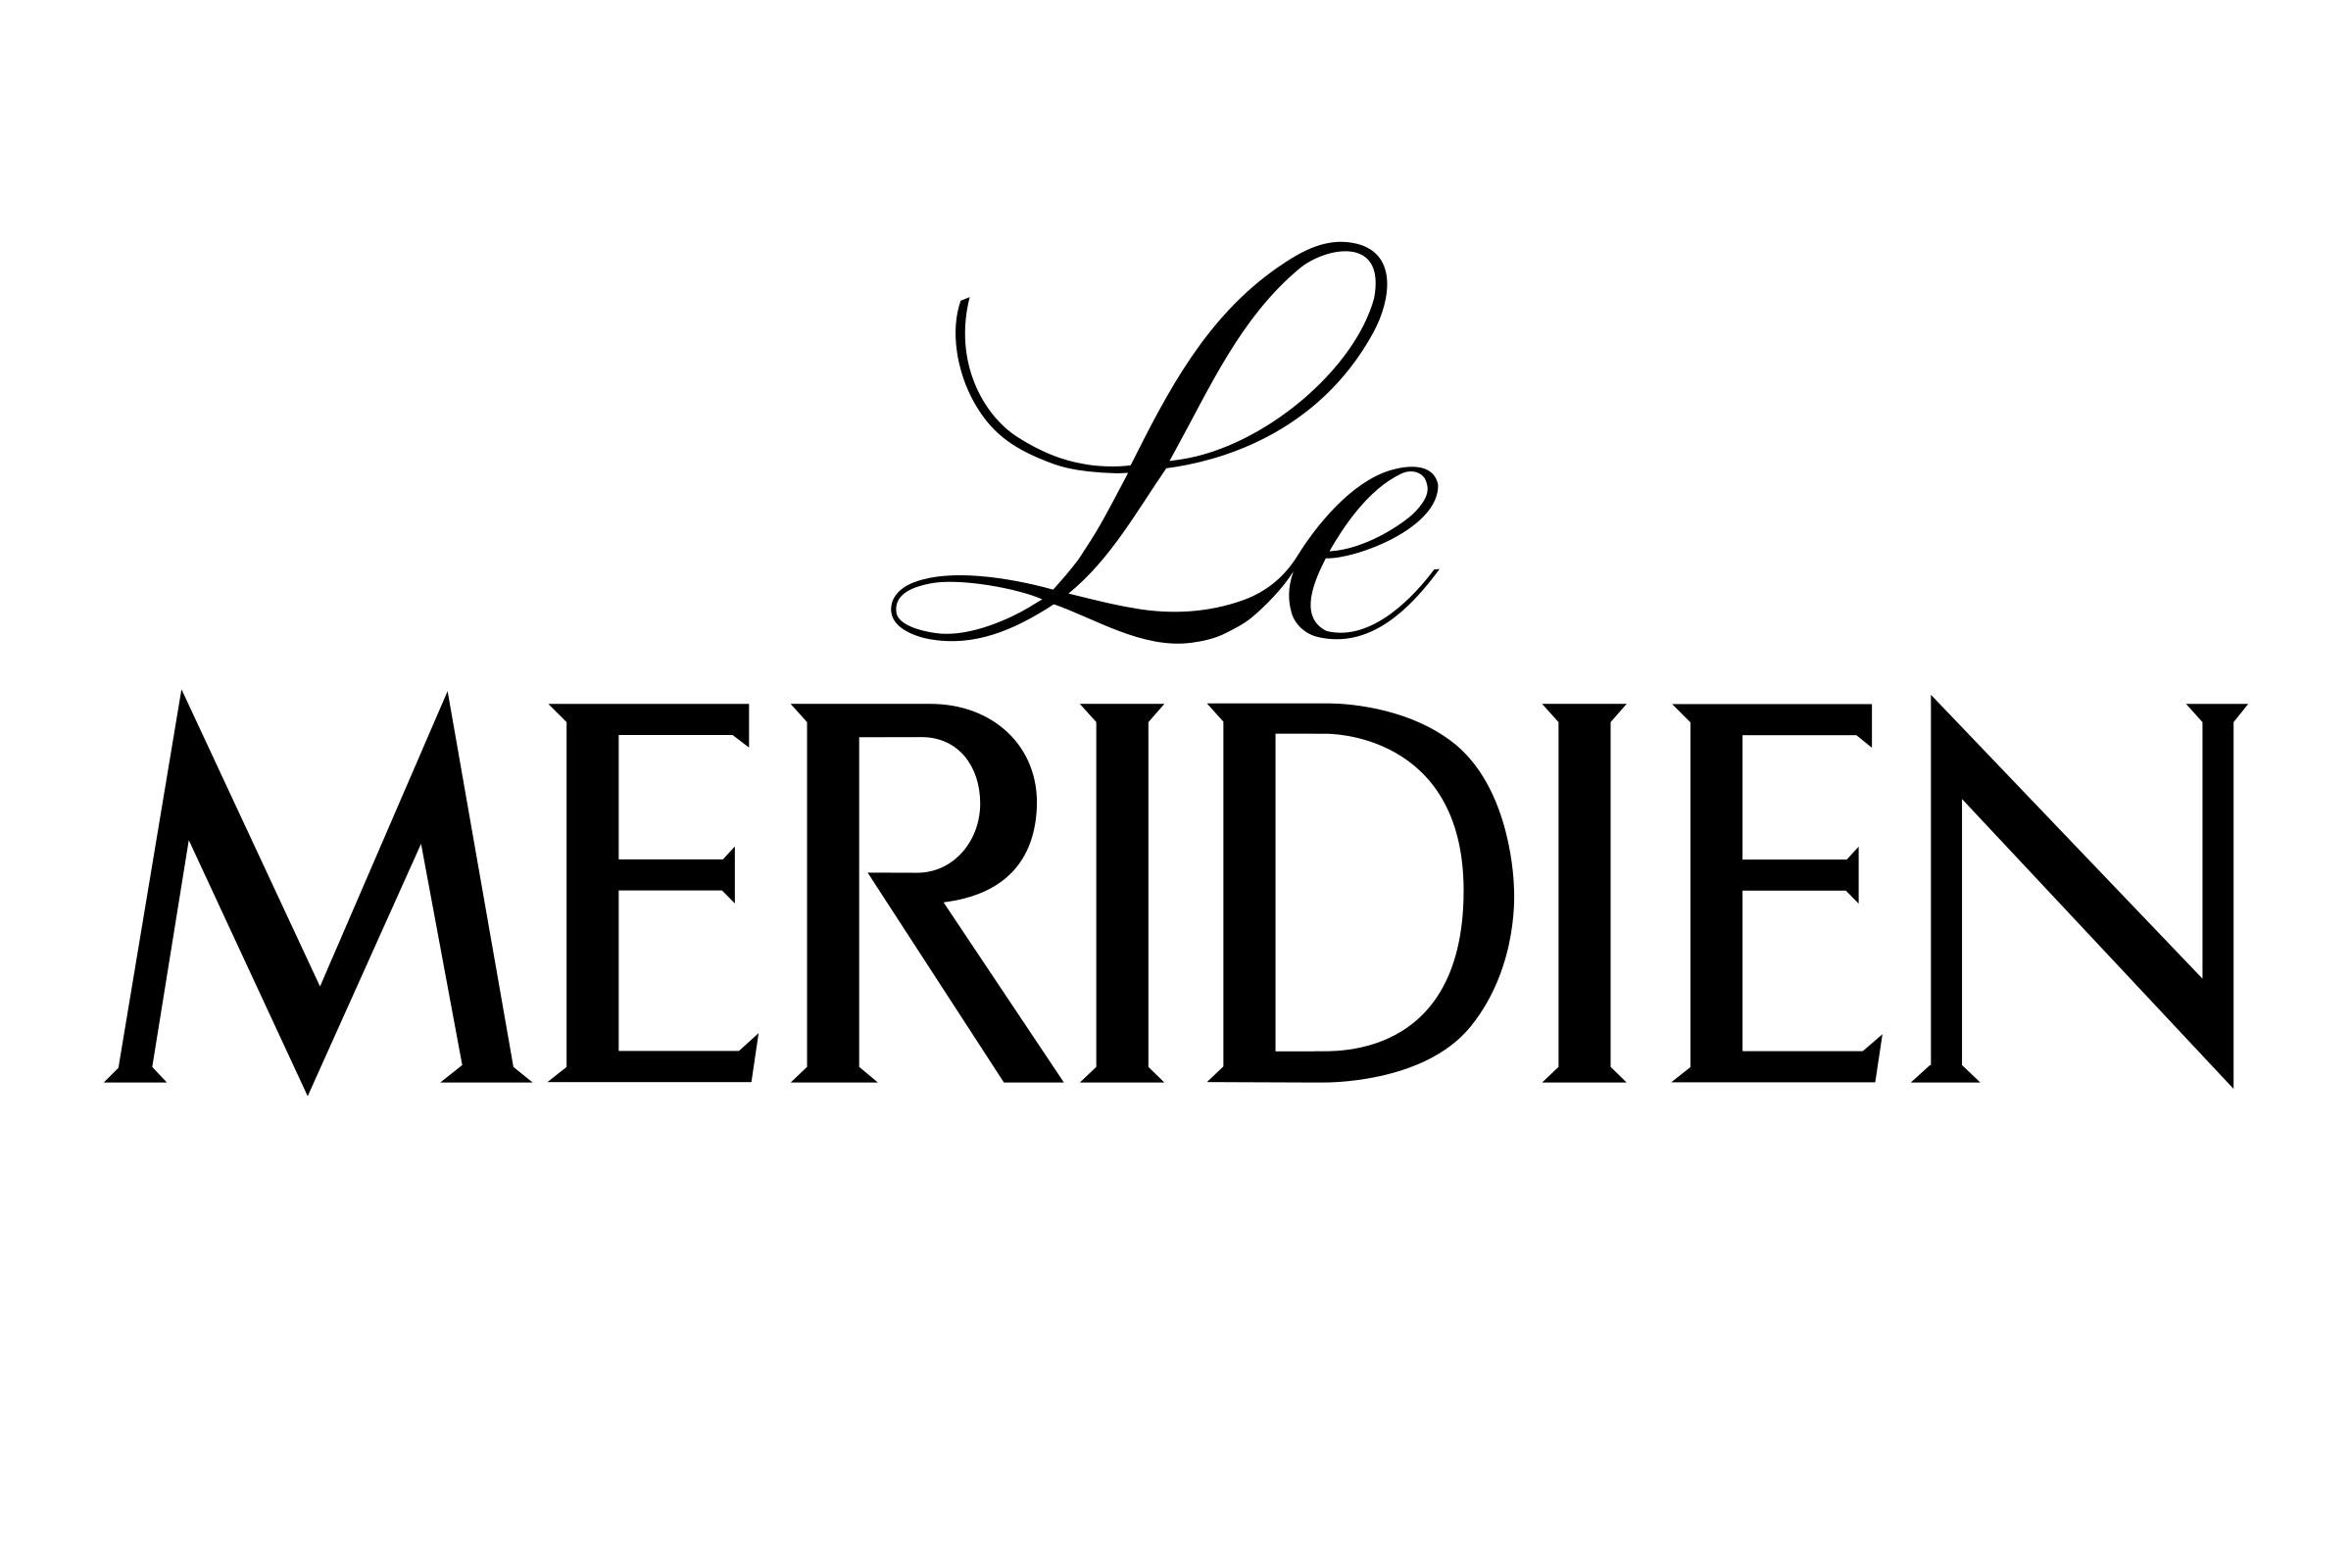 le-meridien-logo-png-transparent.png